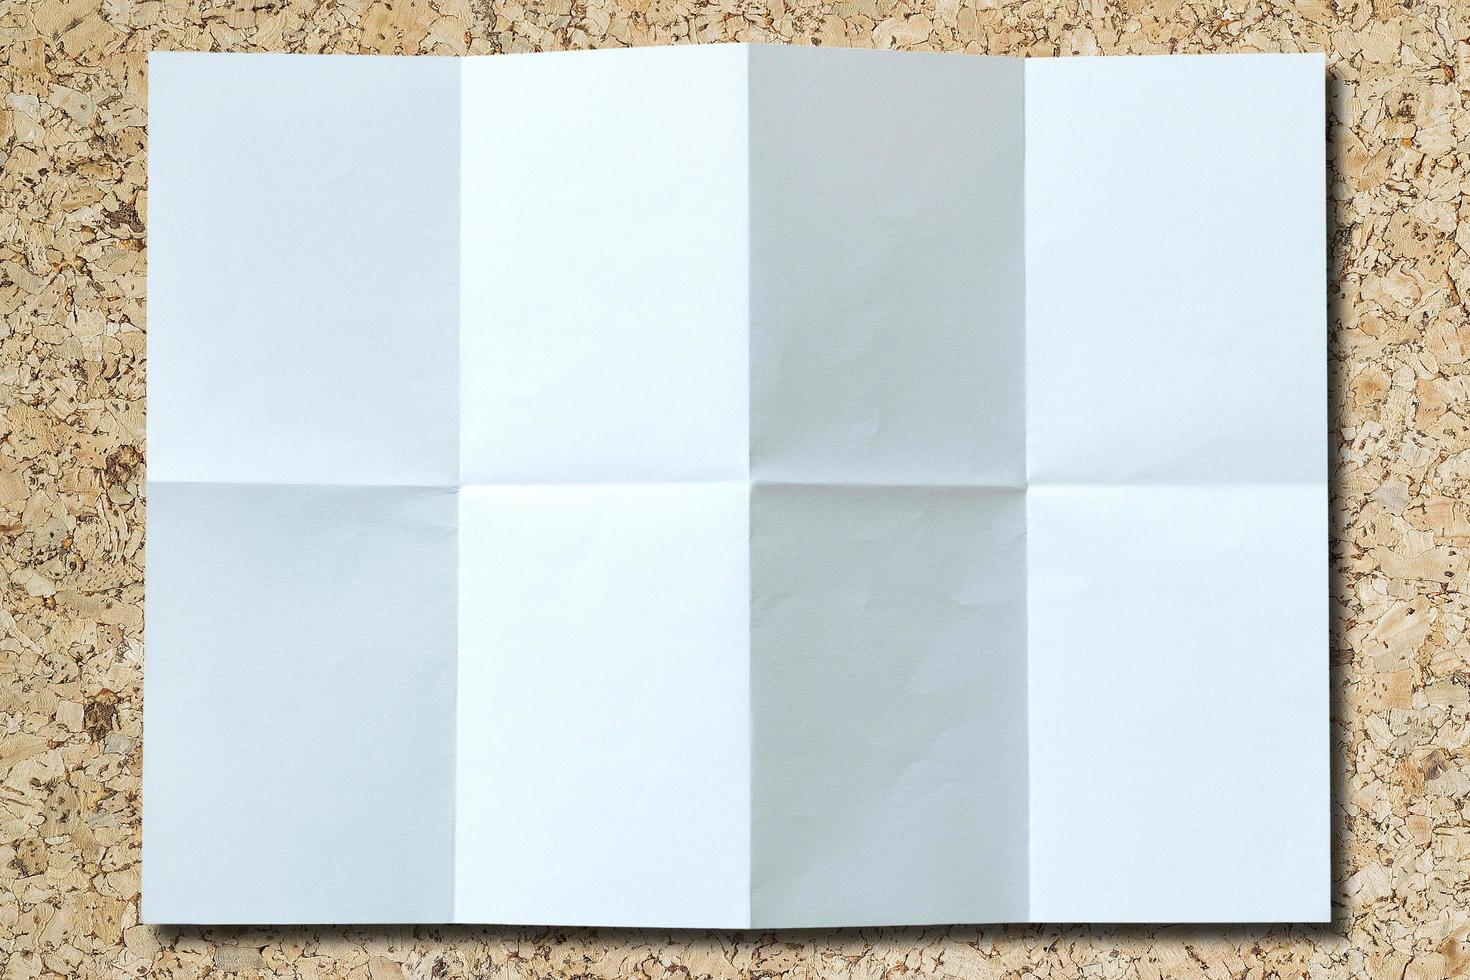 fond de papier blanc isolé photo